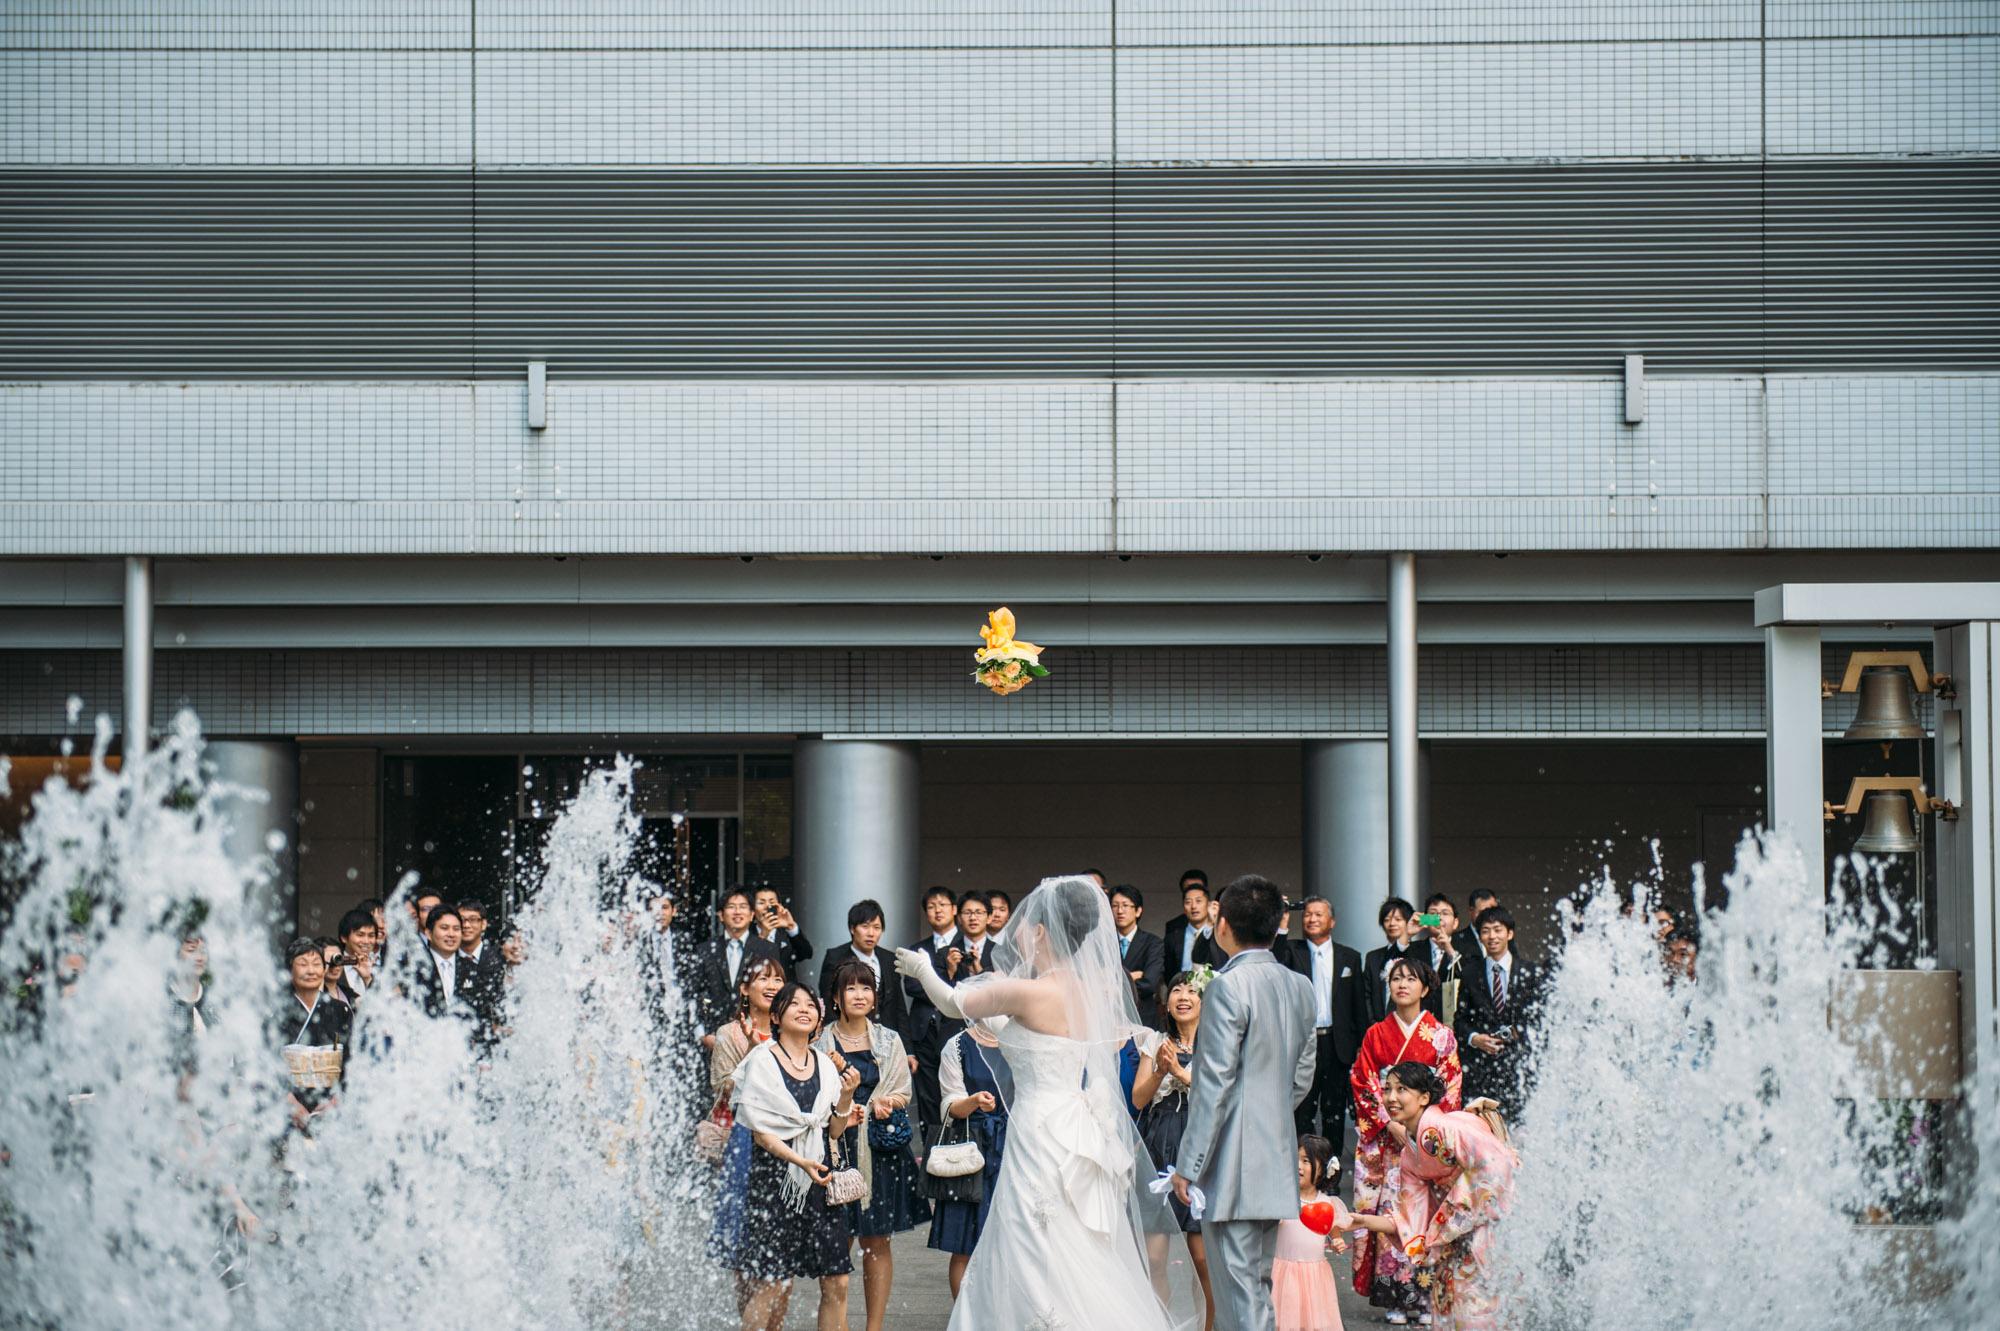 hilton wedding48